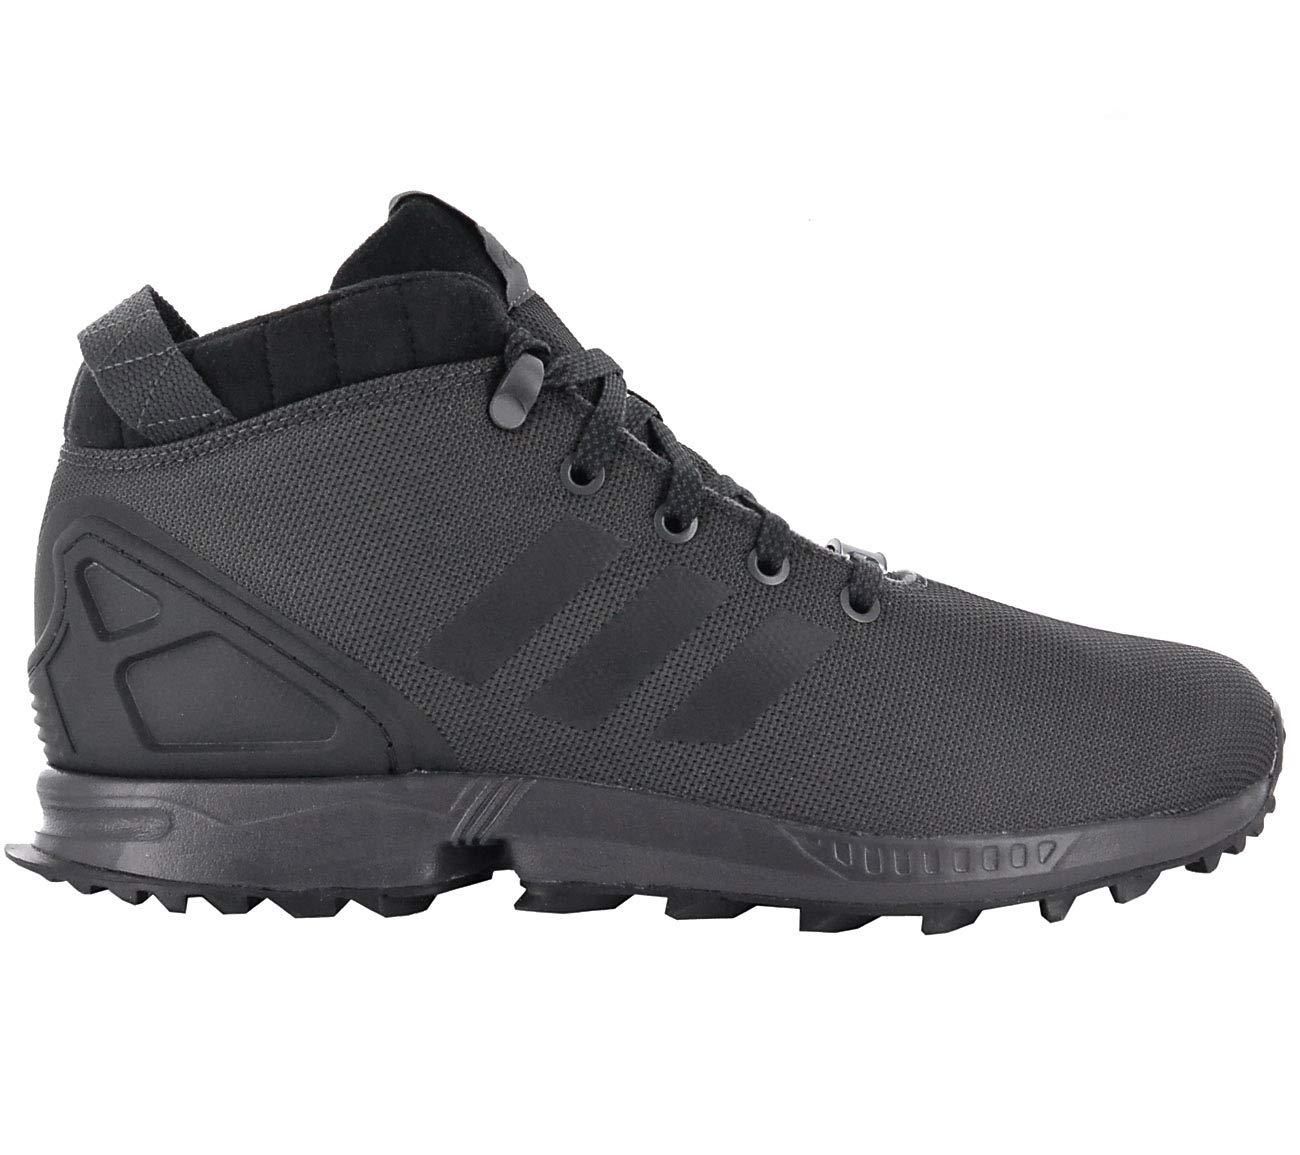 Adidas ZX Flux 43228 Tr BY9432, Herren Turnschuhe